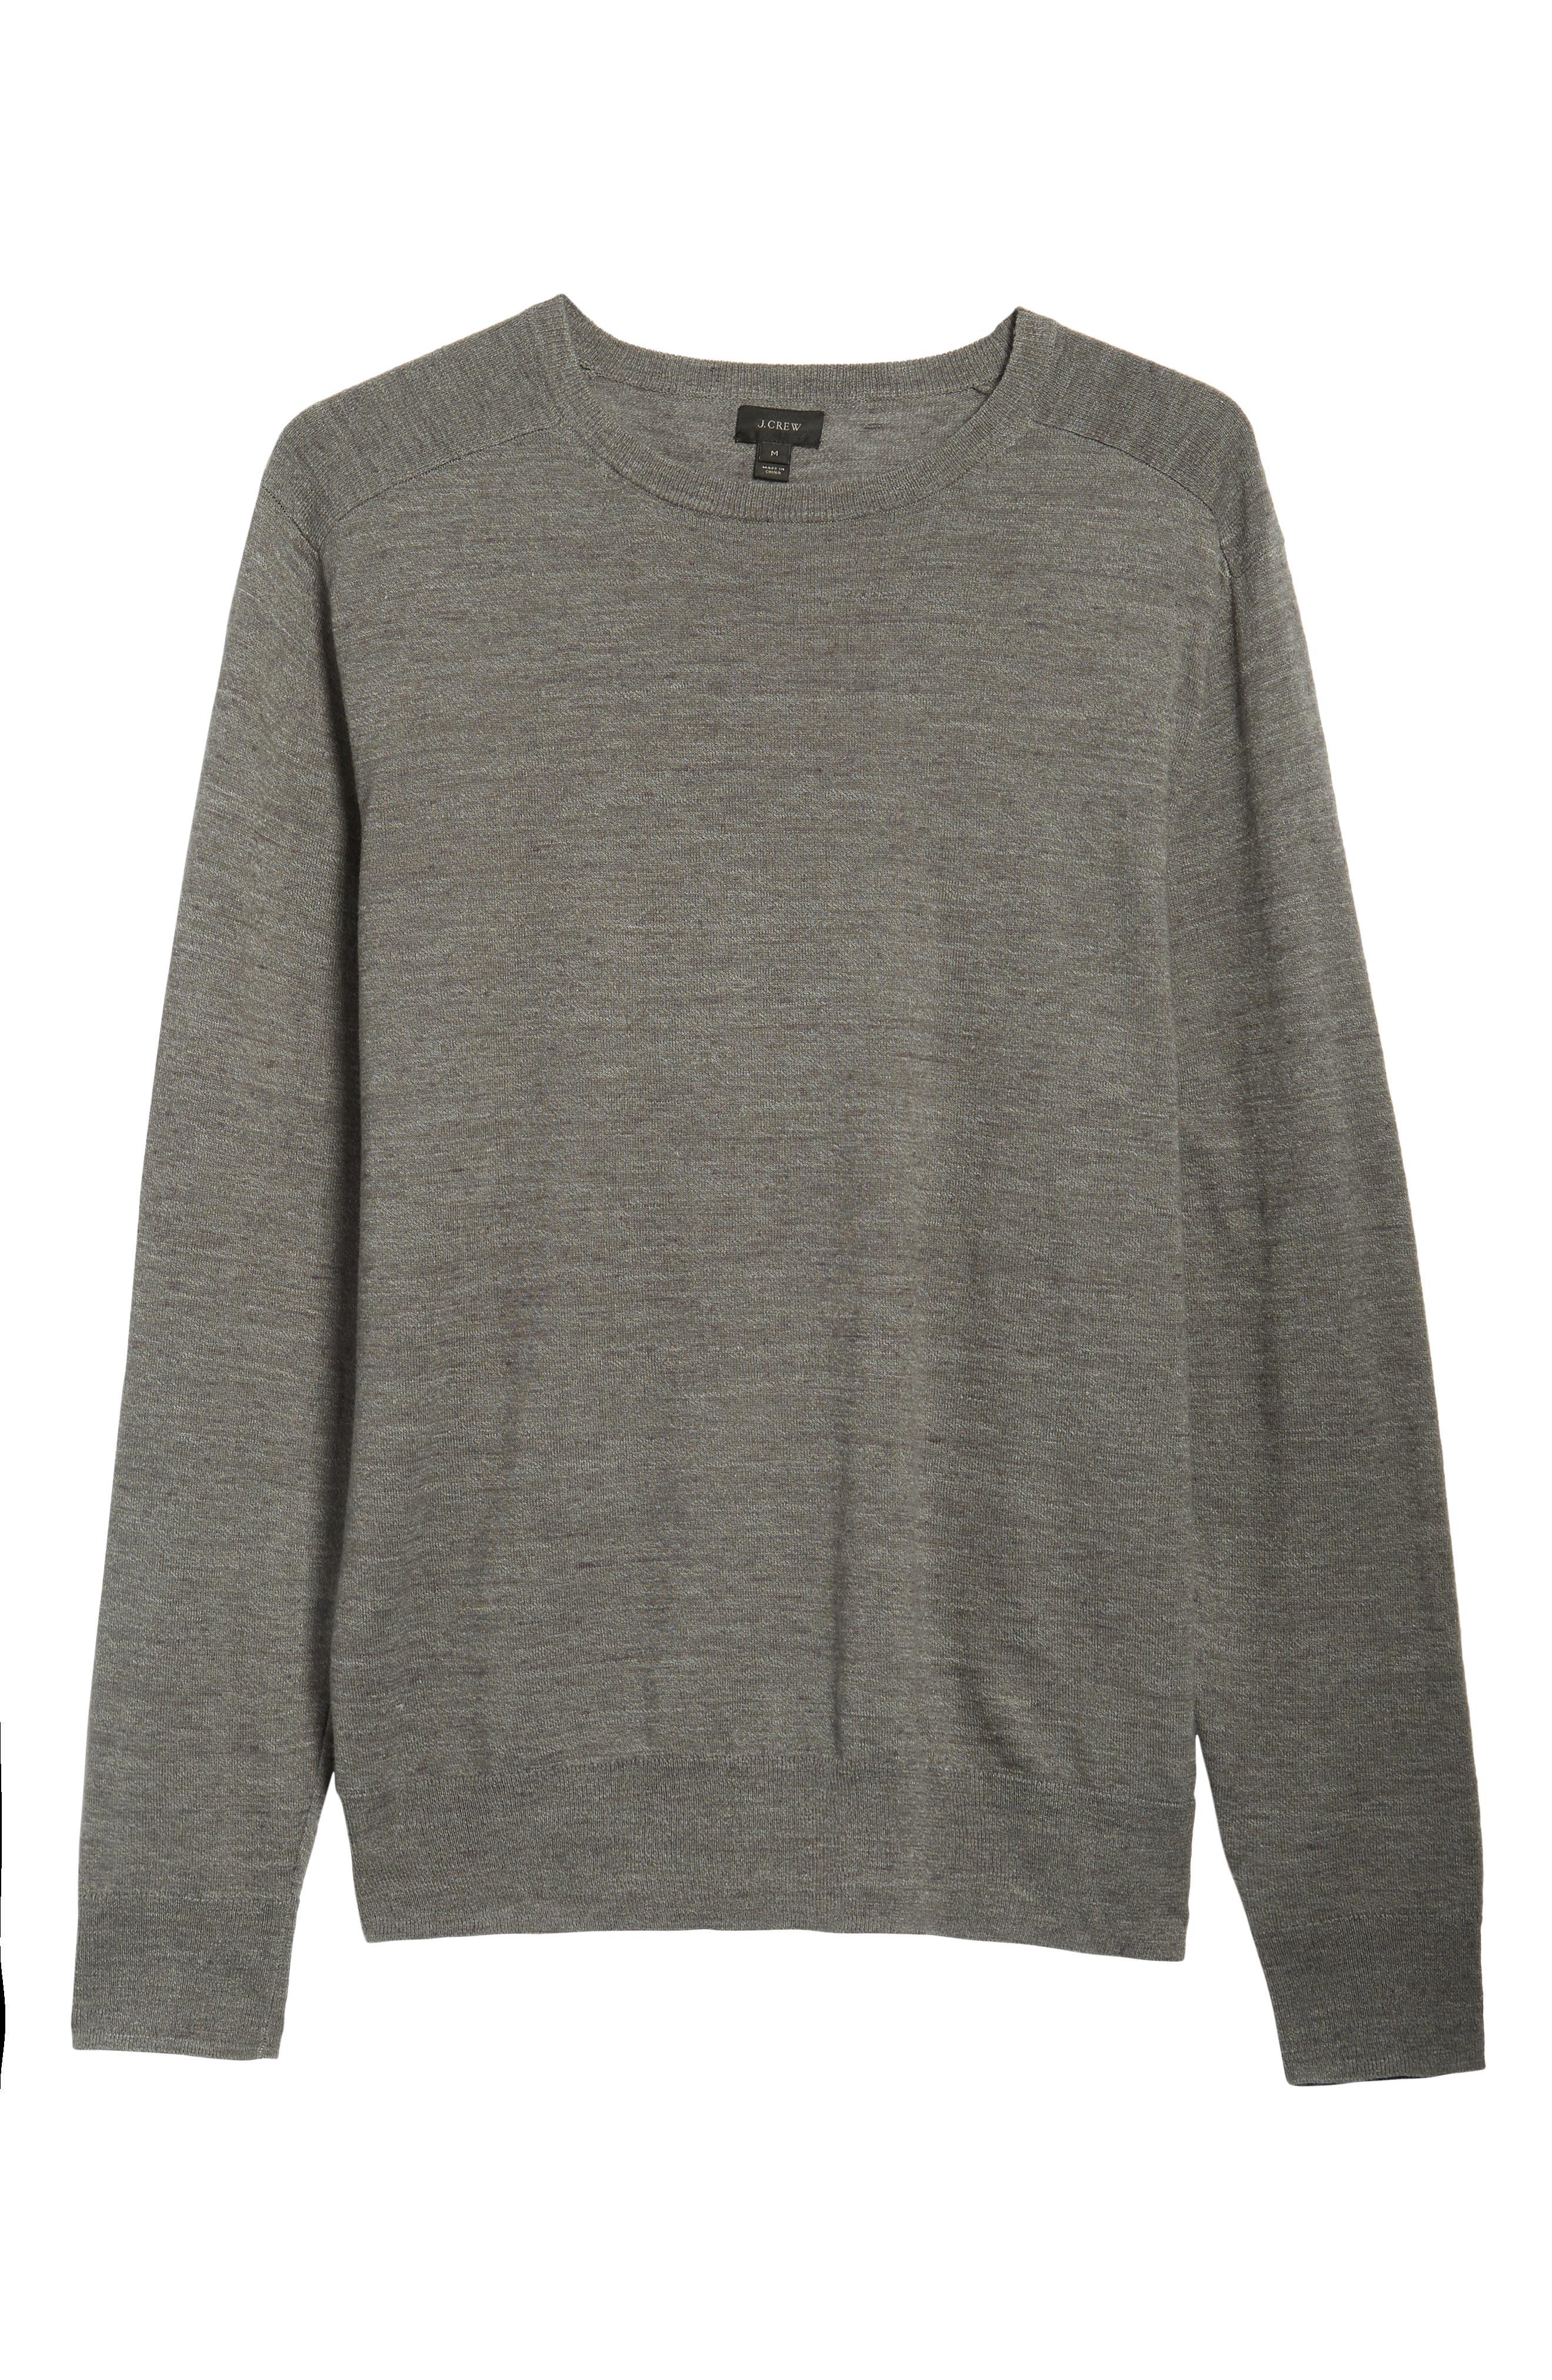 Cotton Blend Crewneck Sweater,                             Alternate thumbnail 21, color,